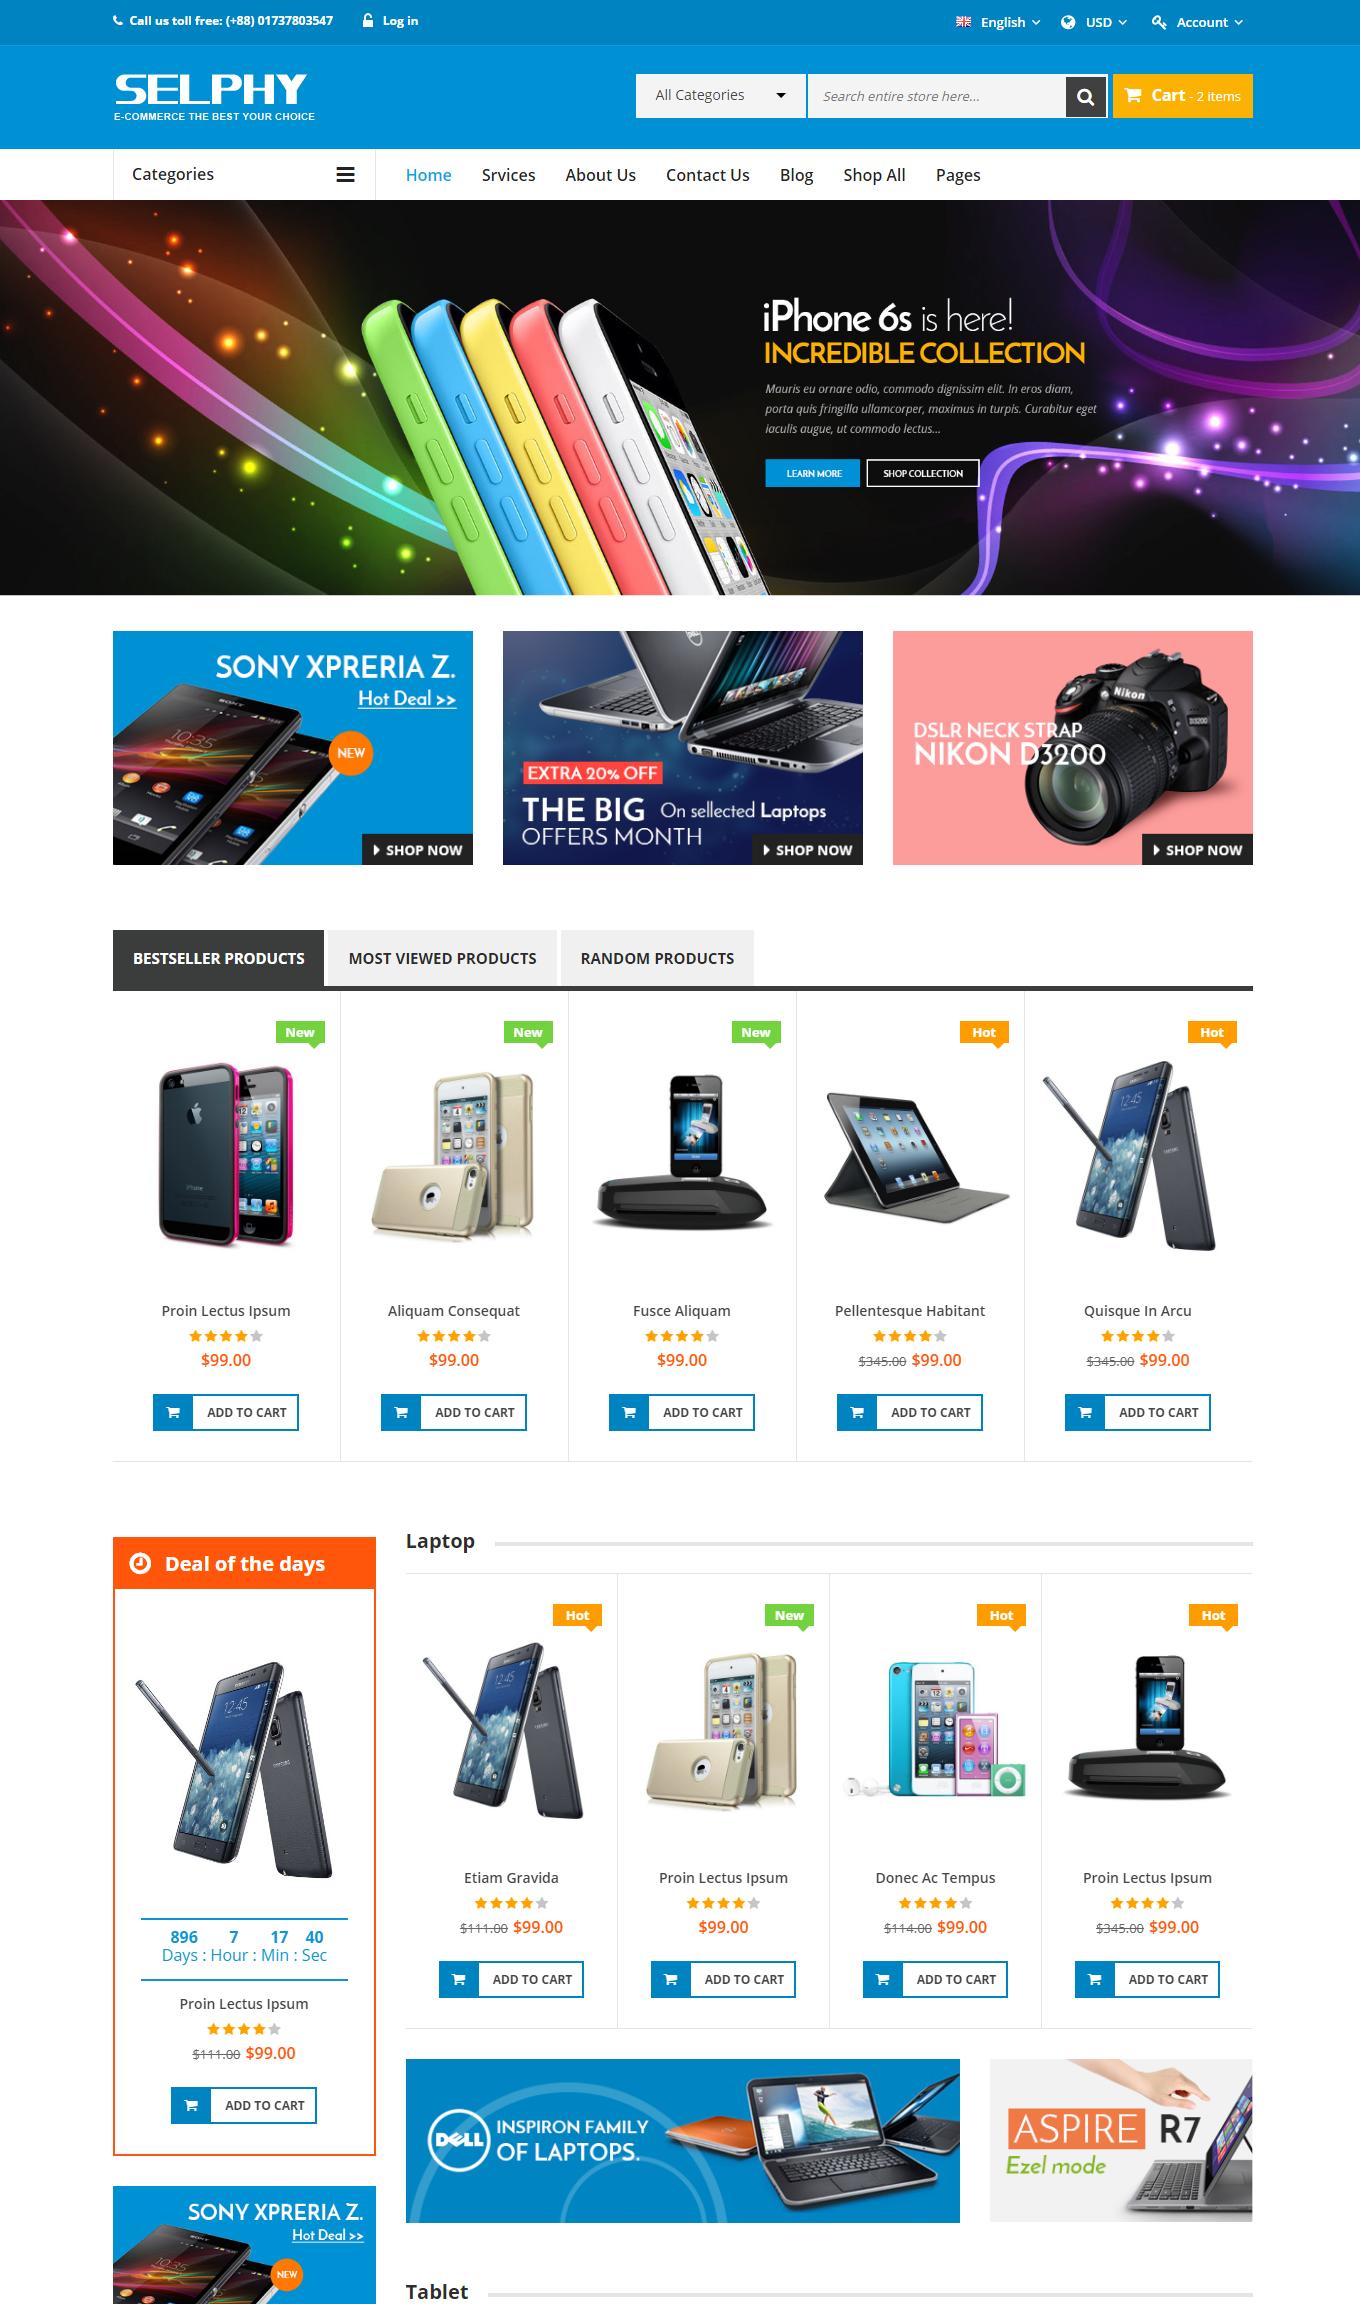 screenshot-devitems.com-2017-09-19-16-42-56-492